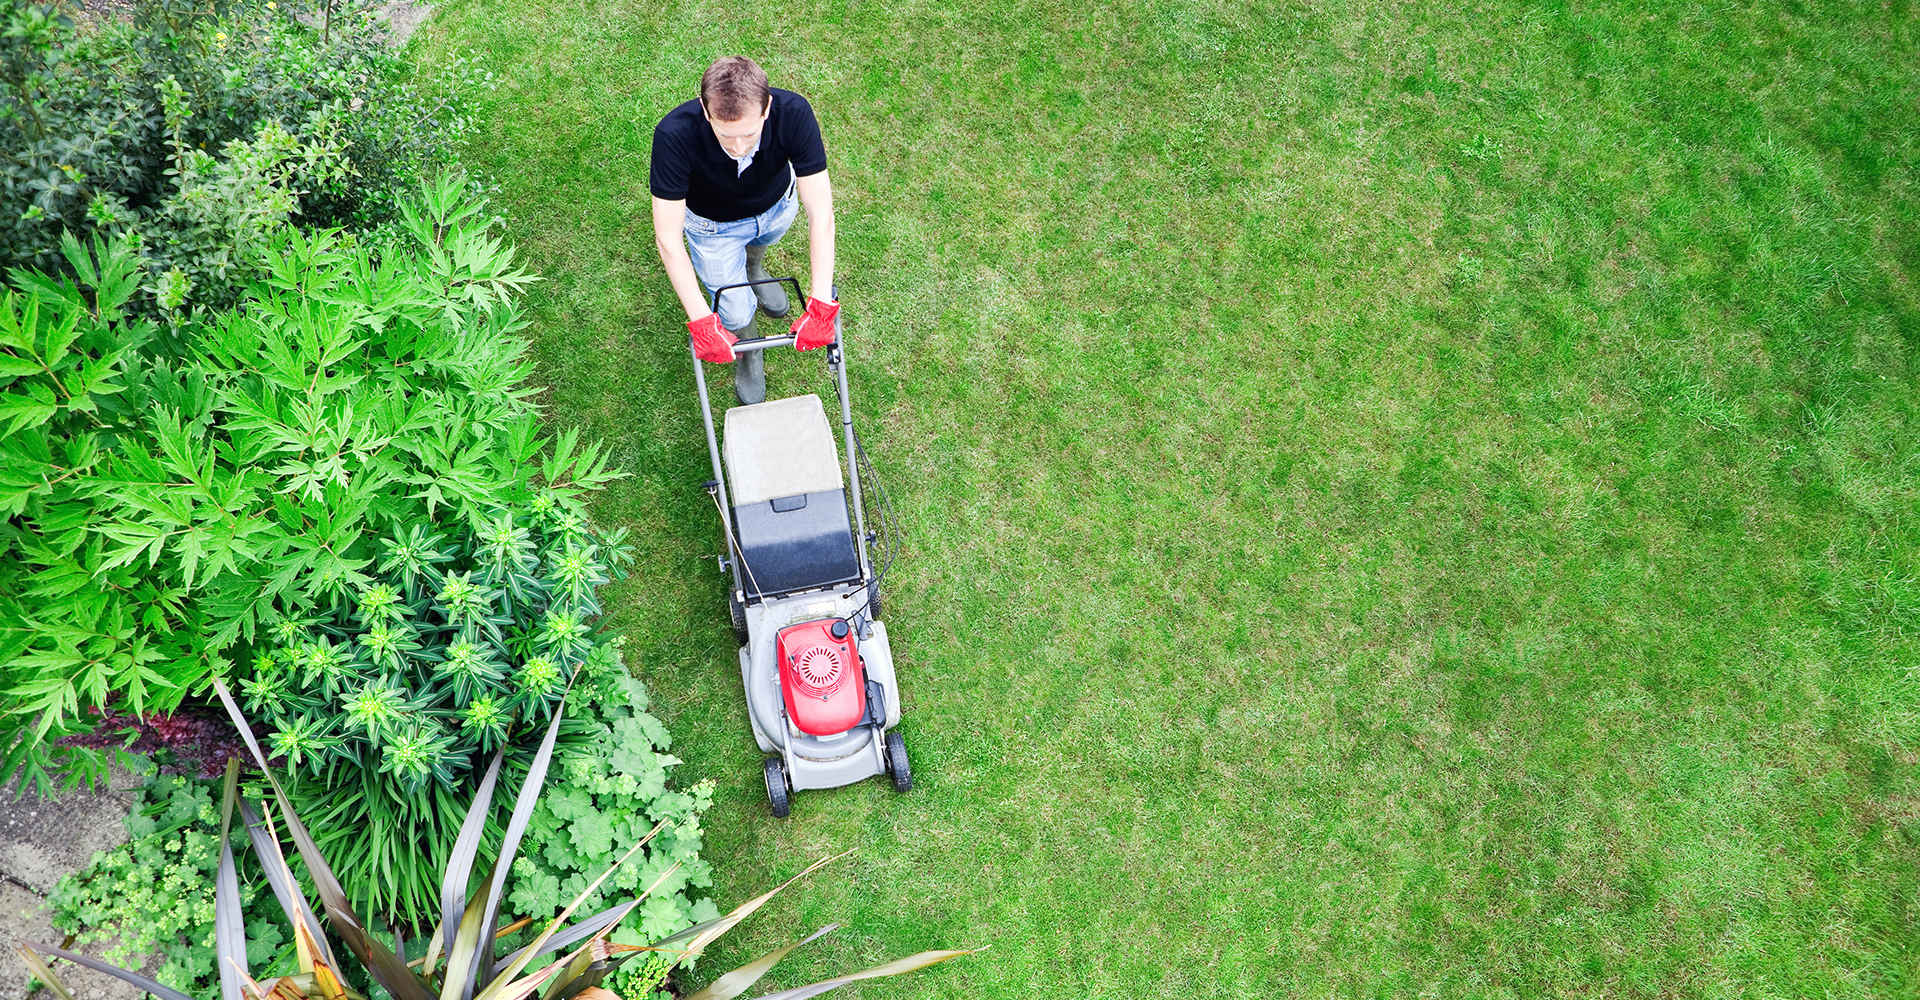 Luado hjelper deg med hage og utearbeid